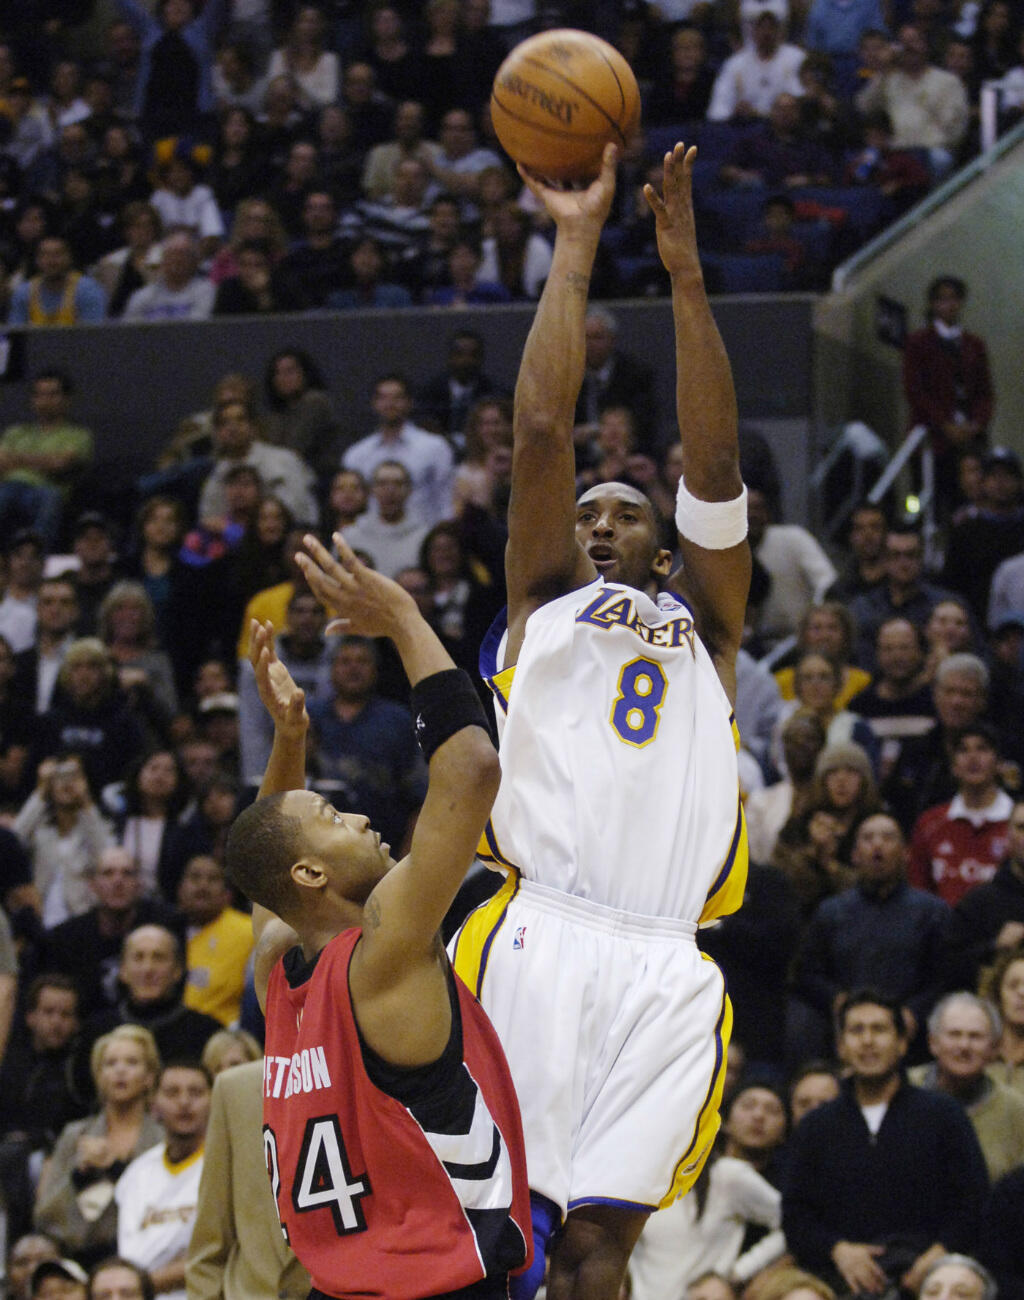 Kobe Bryant, le 22 janvier 2006, lors de la victoire des Lakers contre les Toronto Raptors, au cours duquel il marque 66,4% des points de son équipe.